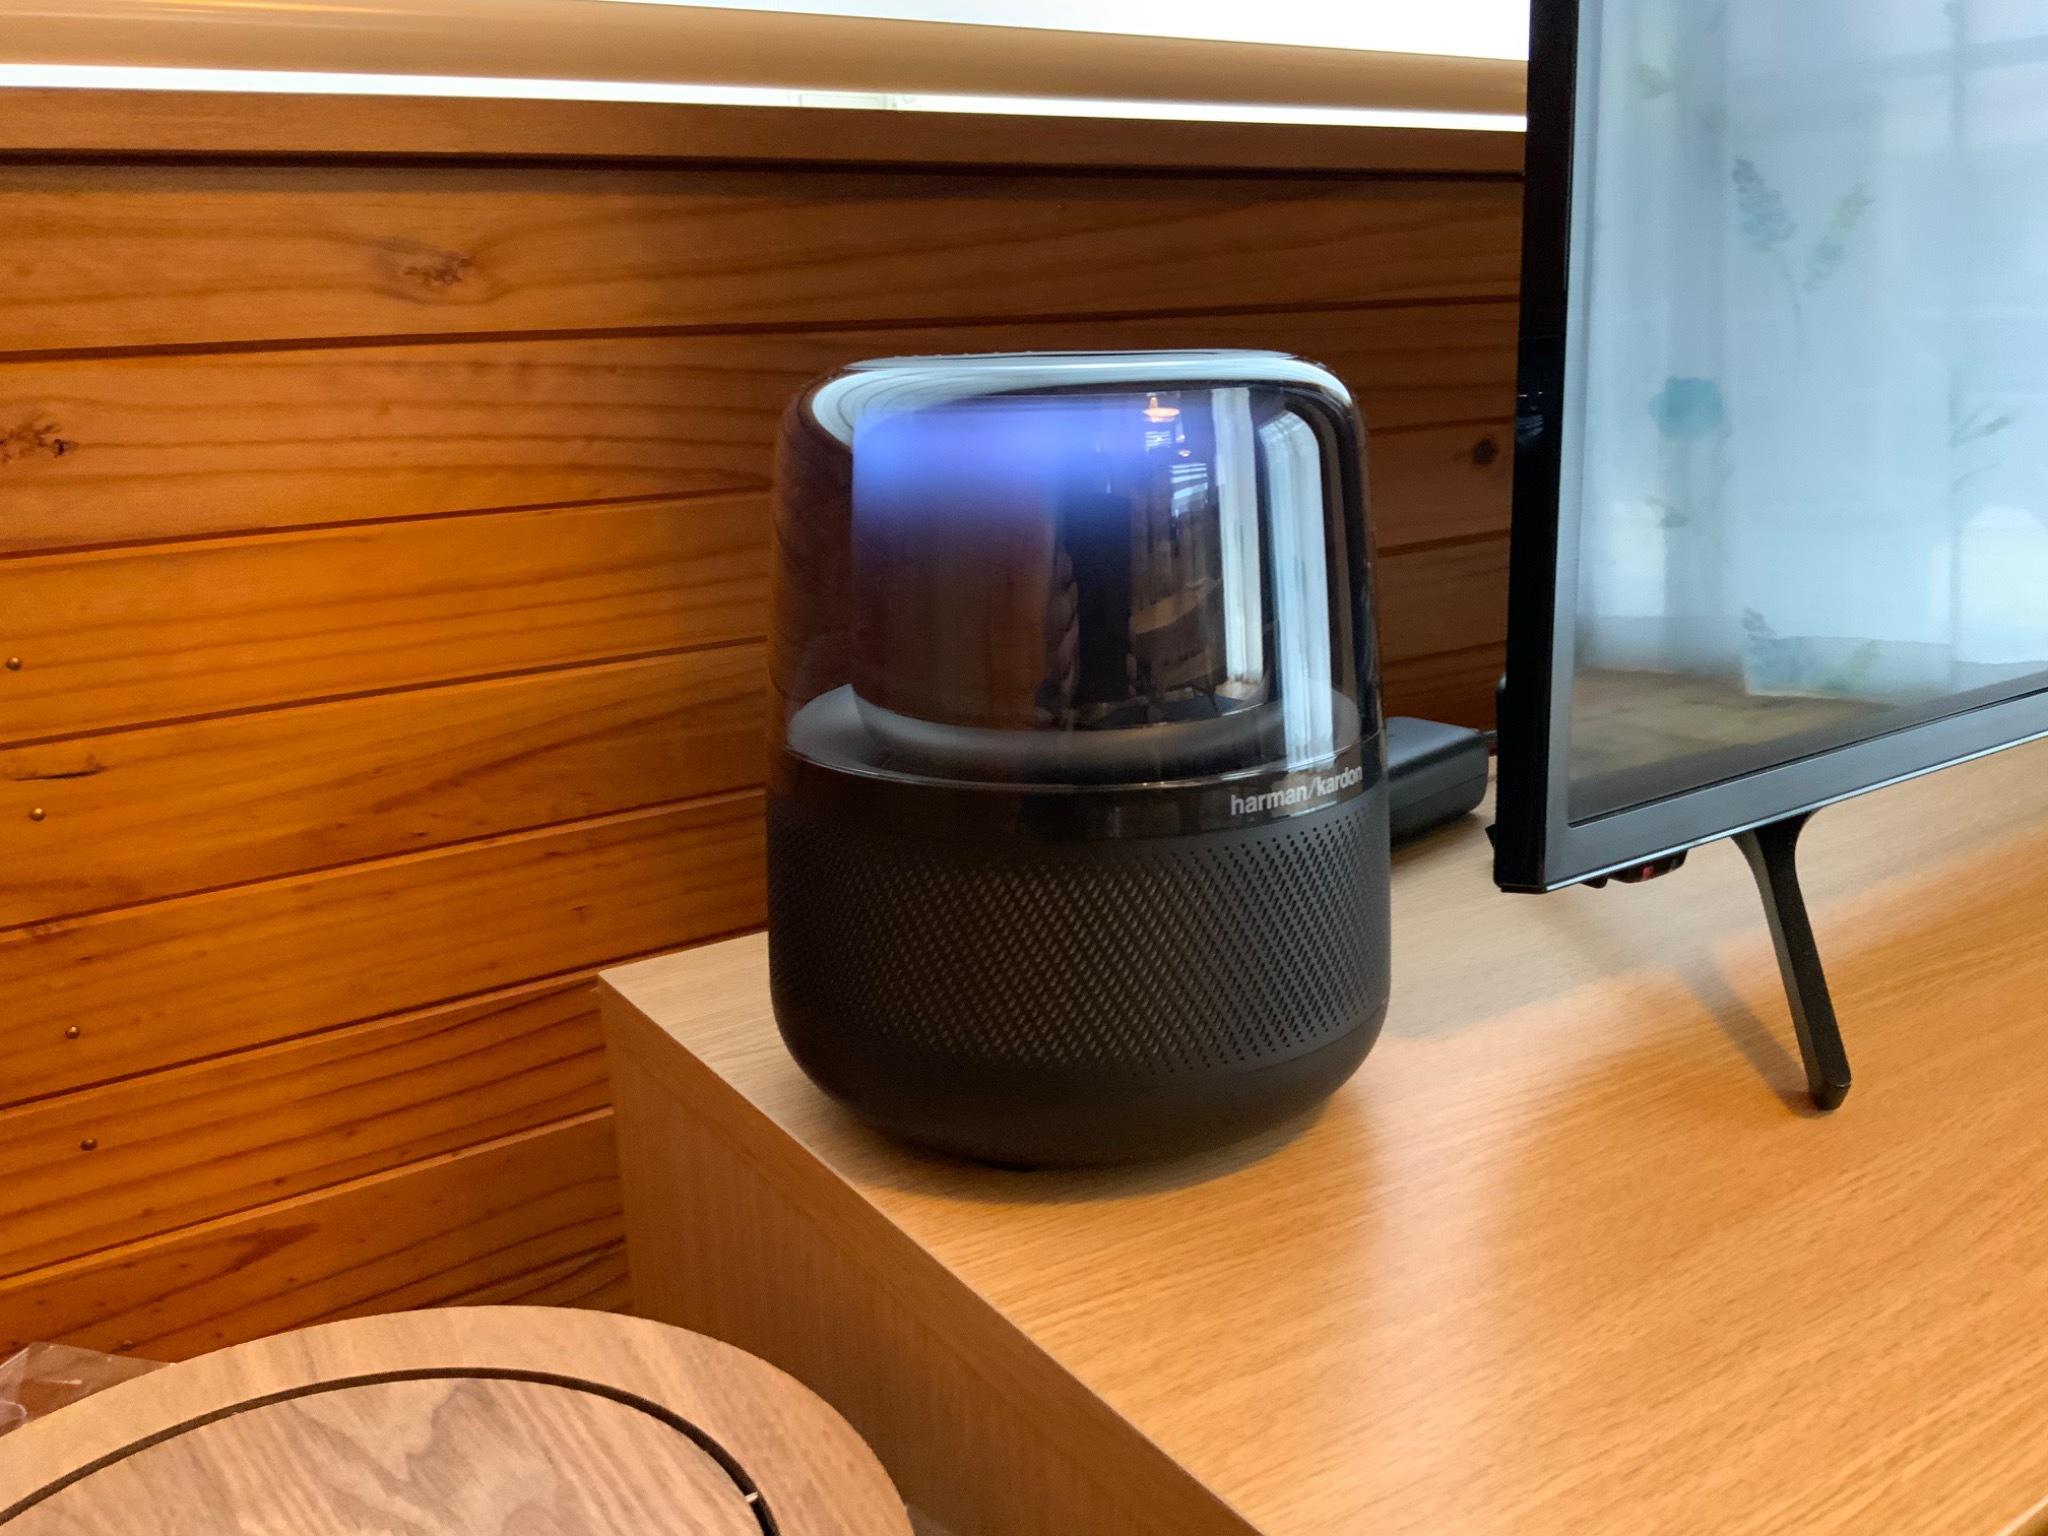 Amazonアレクサ対応のスマートスピーカーです。ご自身の携帯電話からBluetoothで音楽を再生することもできます。